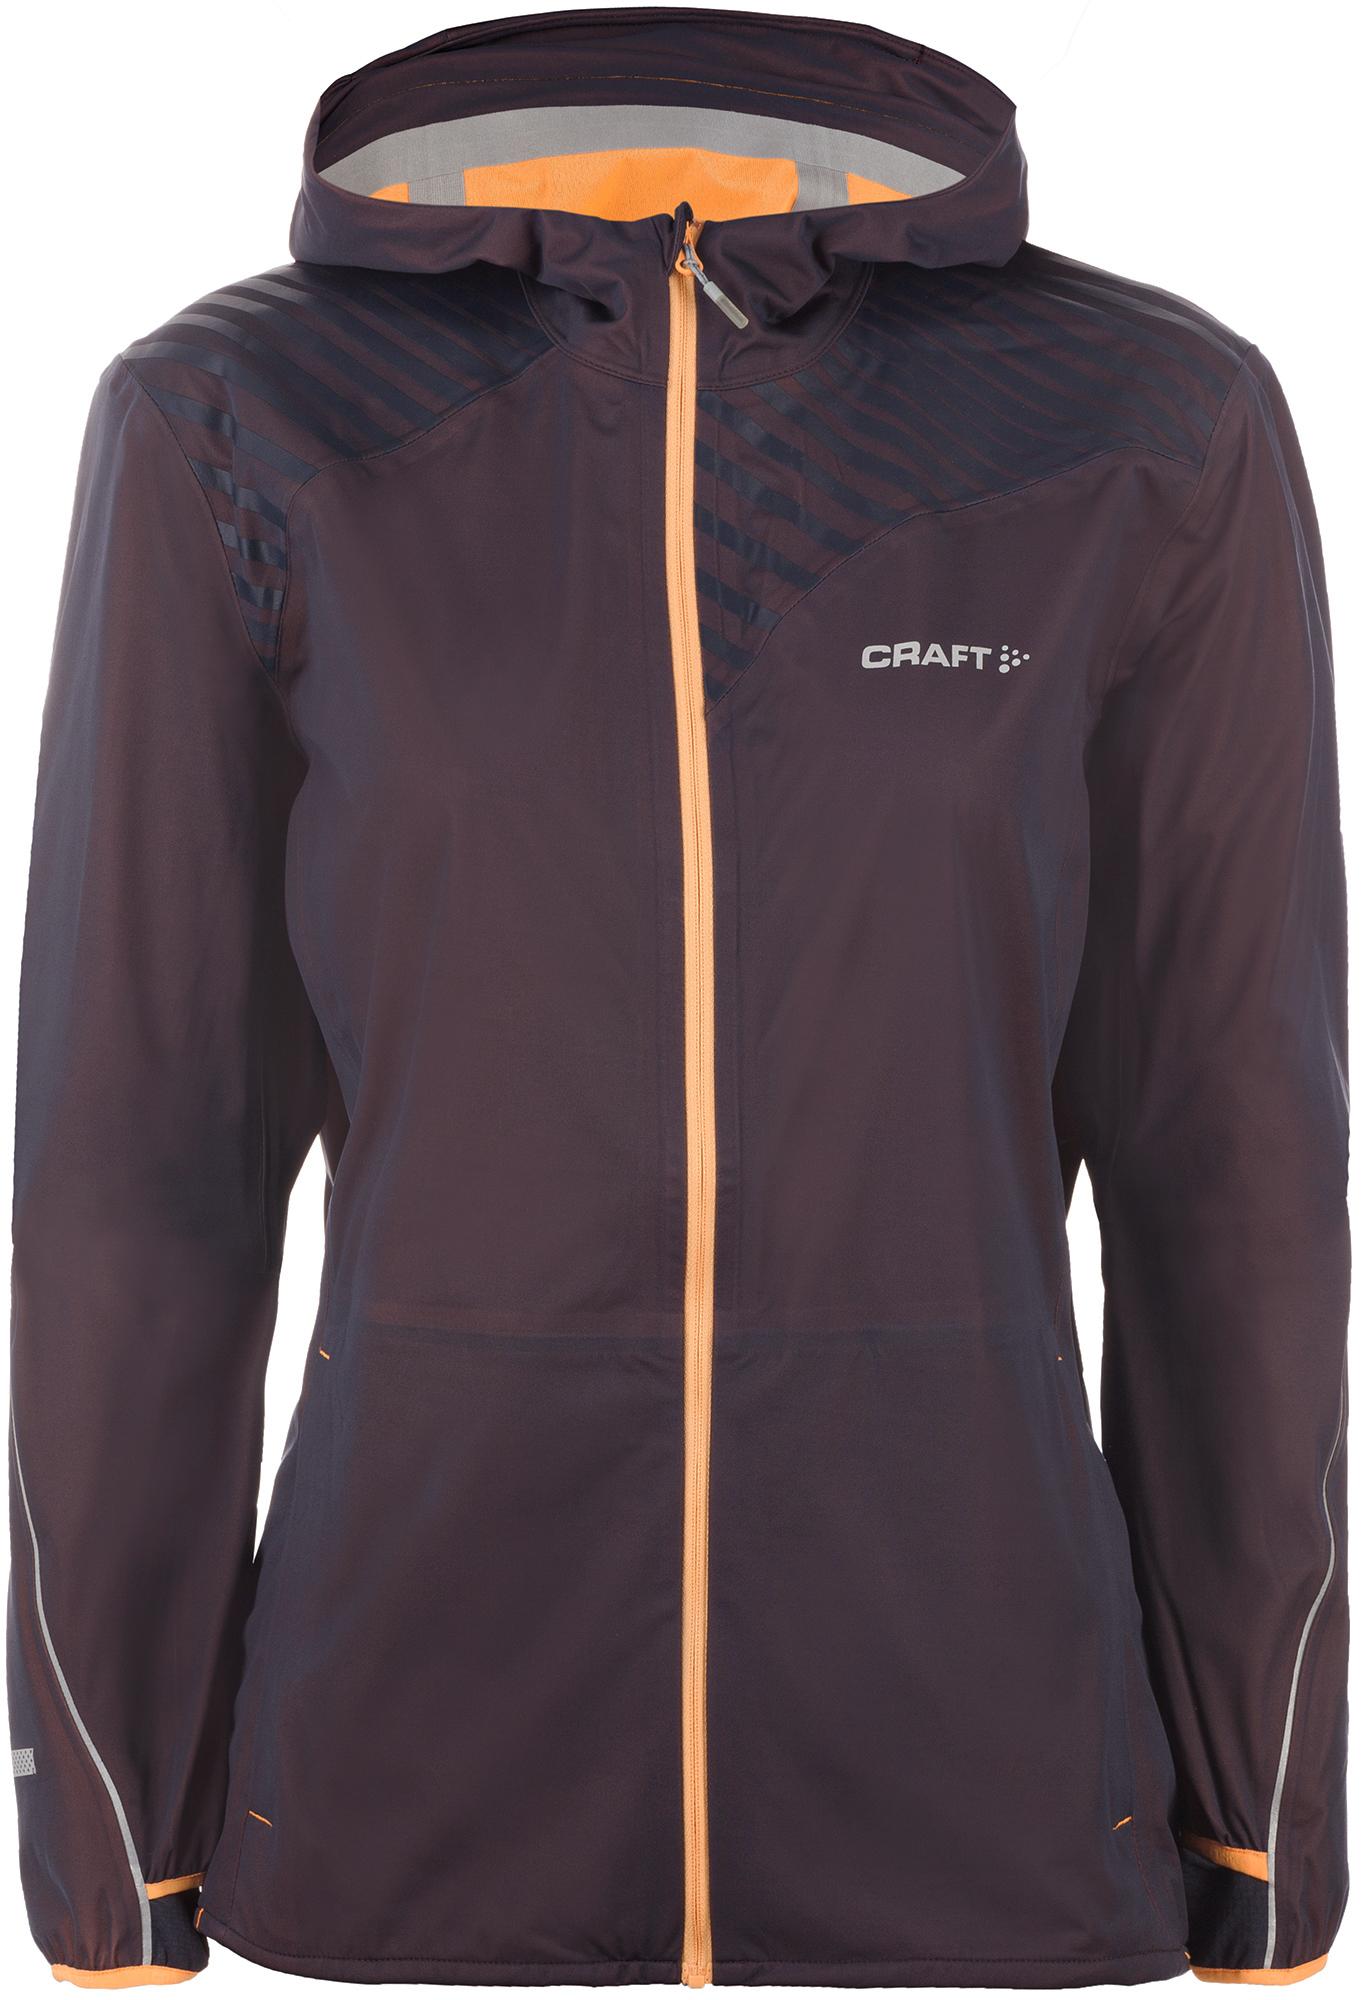 Craft Ветровка женская Craft Grit женская ветровка куртка 2015